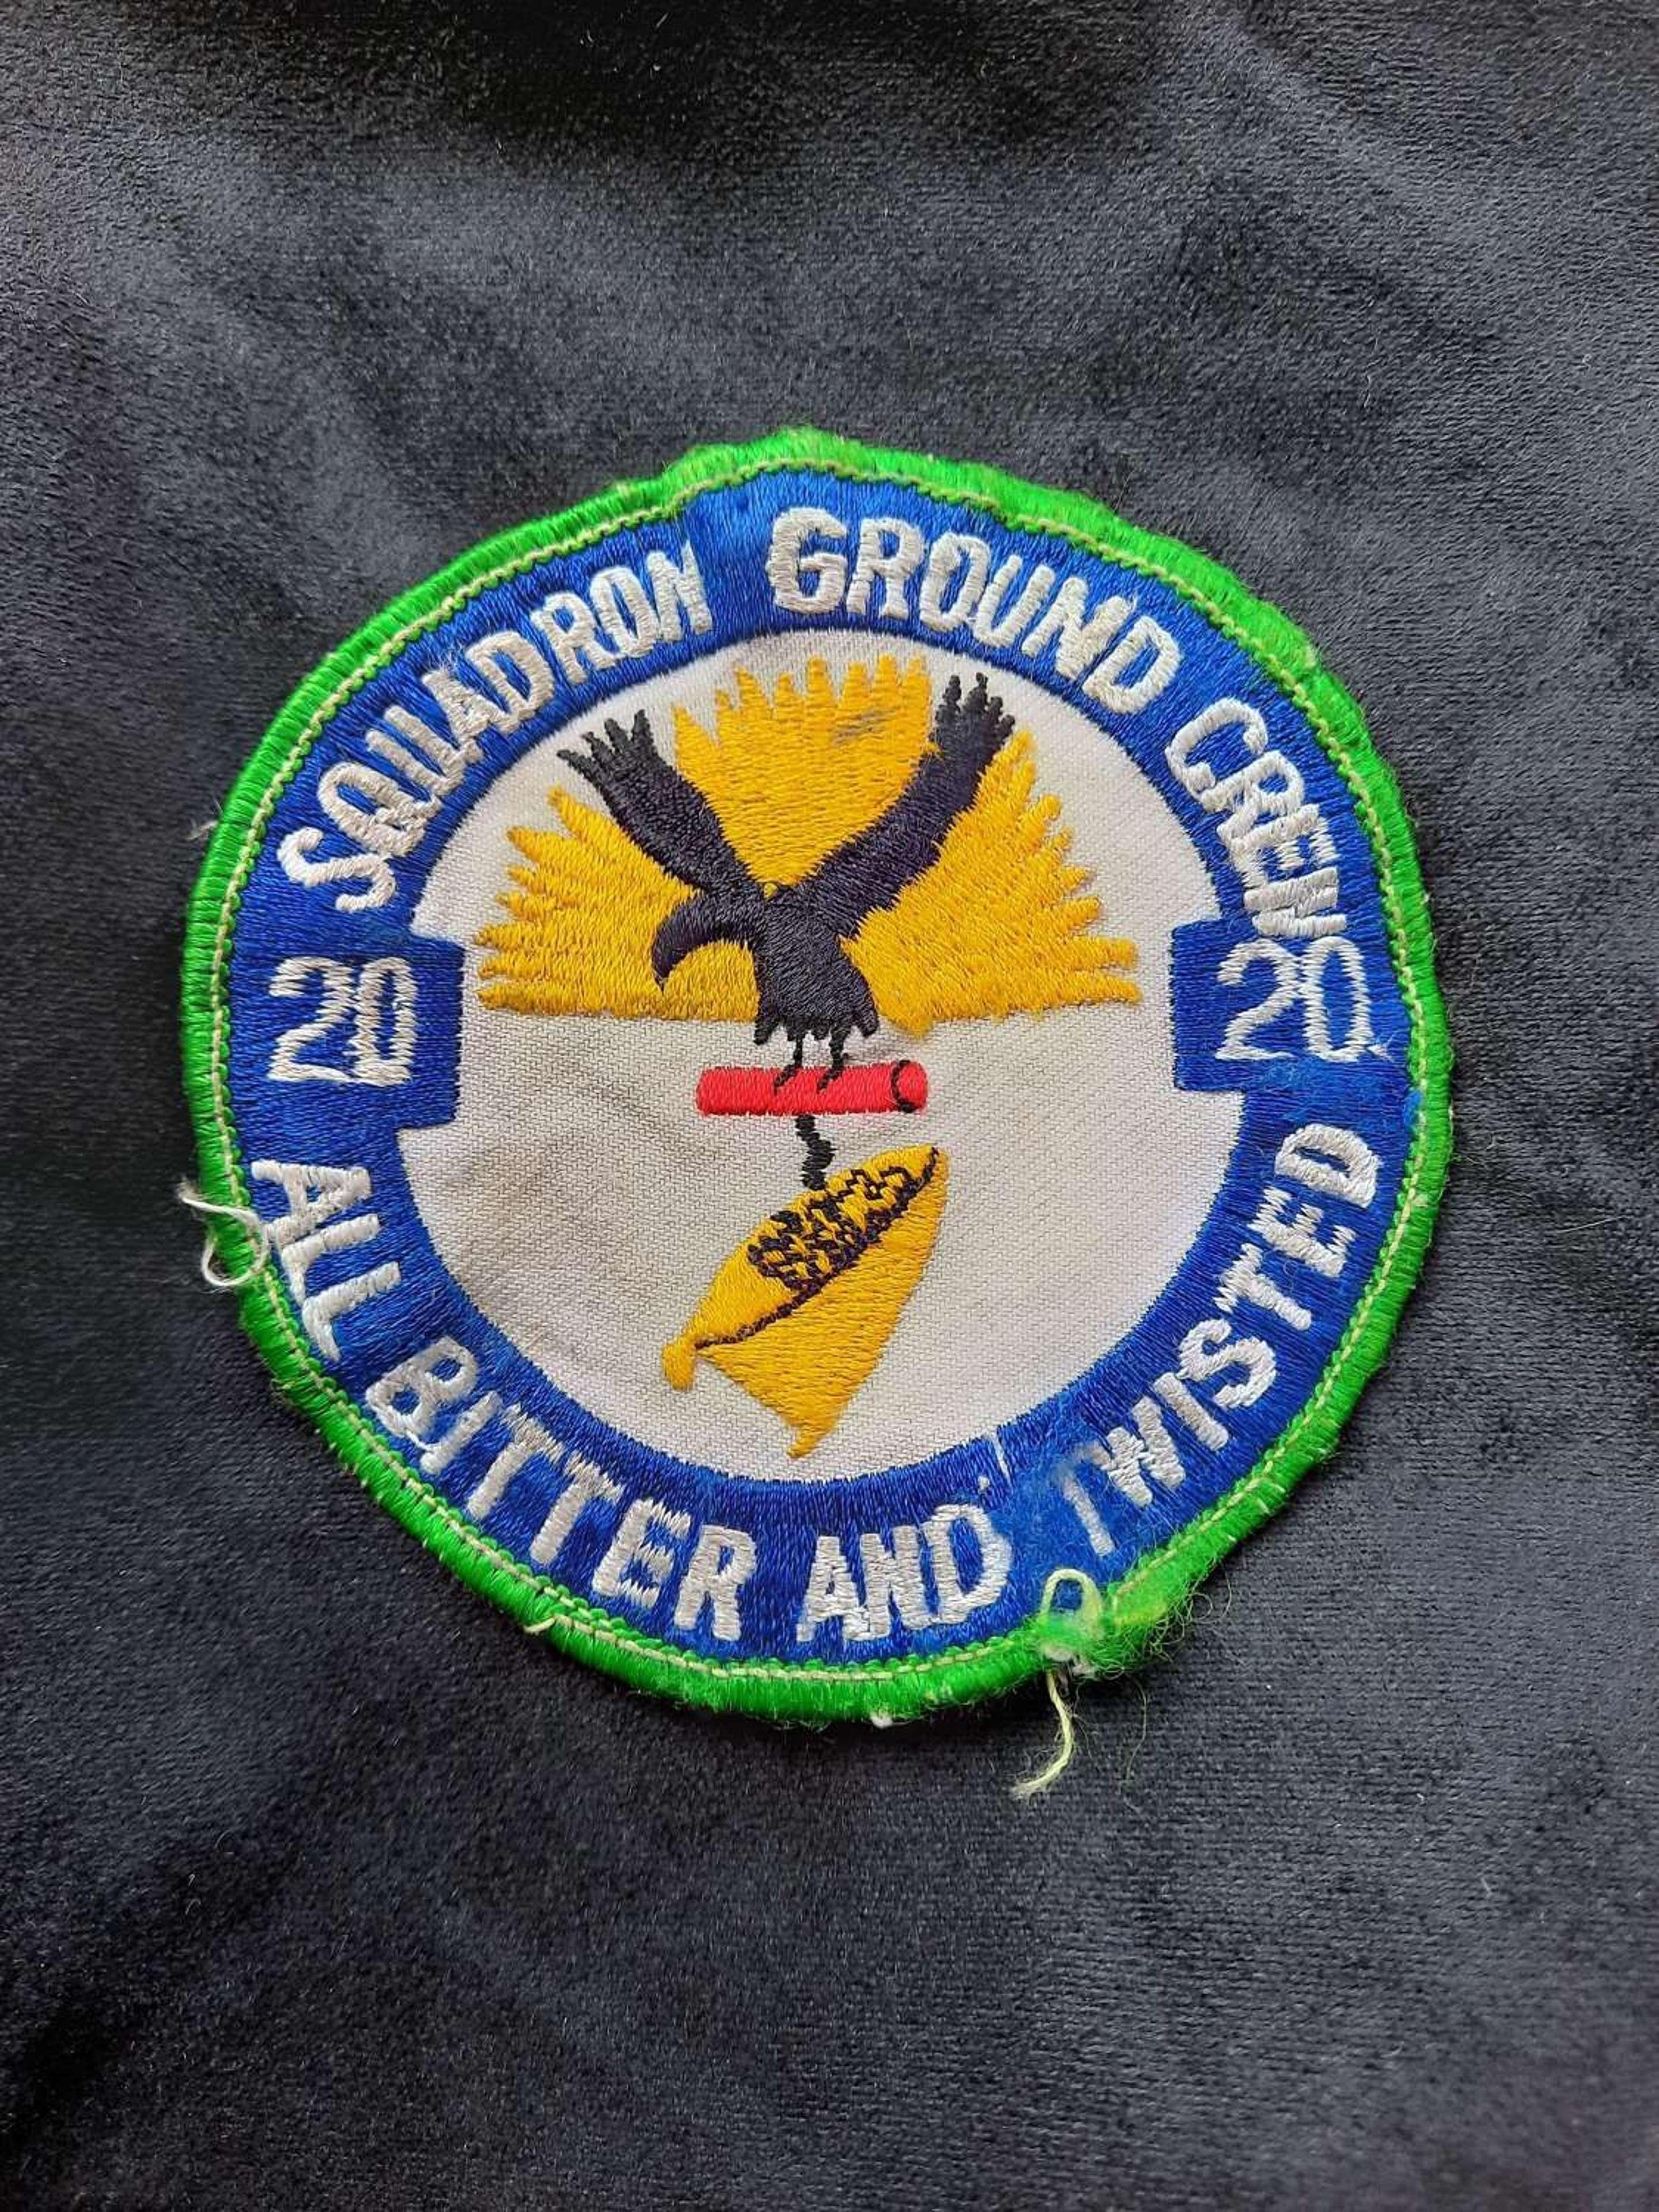 20 ground crew squadron